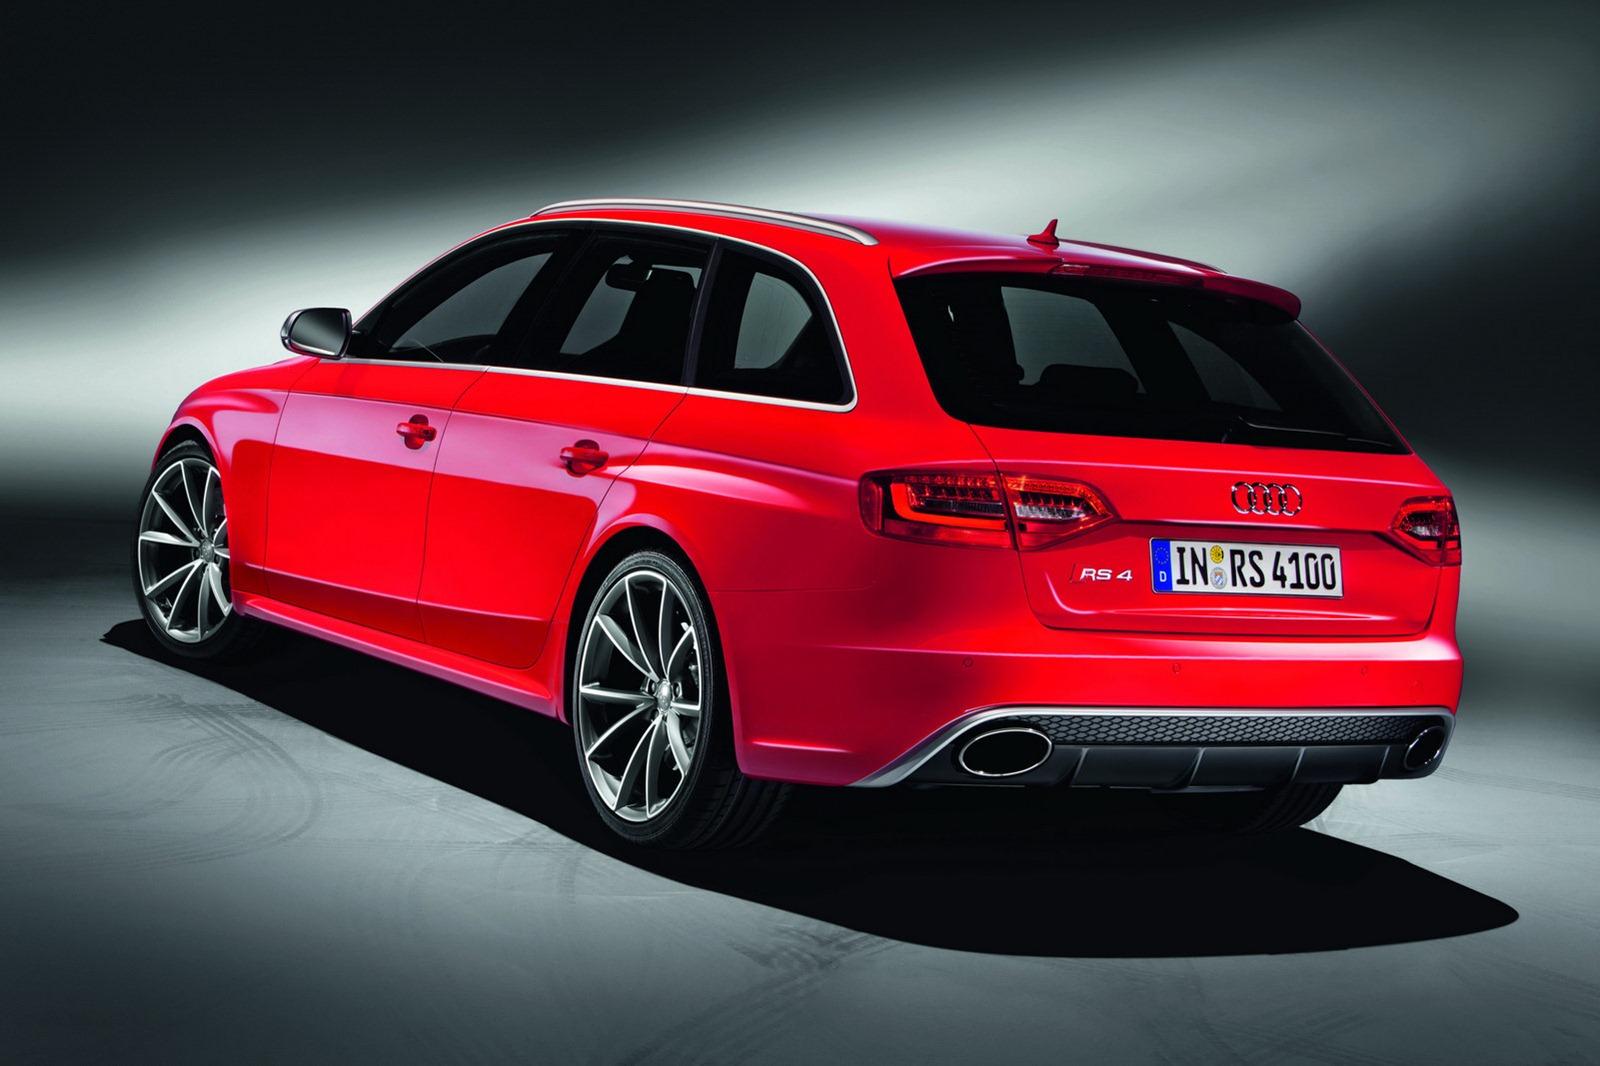 http://2.bp.blogspot.com/-4T9U1eqJ1aw/Tz5pzjRLHtI/AAAAAAAACO0/nZt_HNZGP-E/s1600/2013-Audi-RS4-Avant_wallpaper.jpg